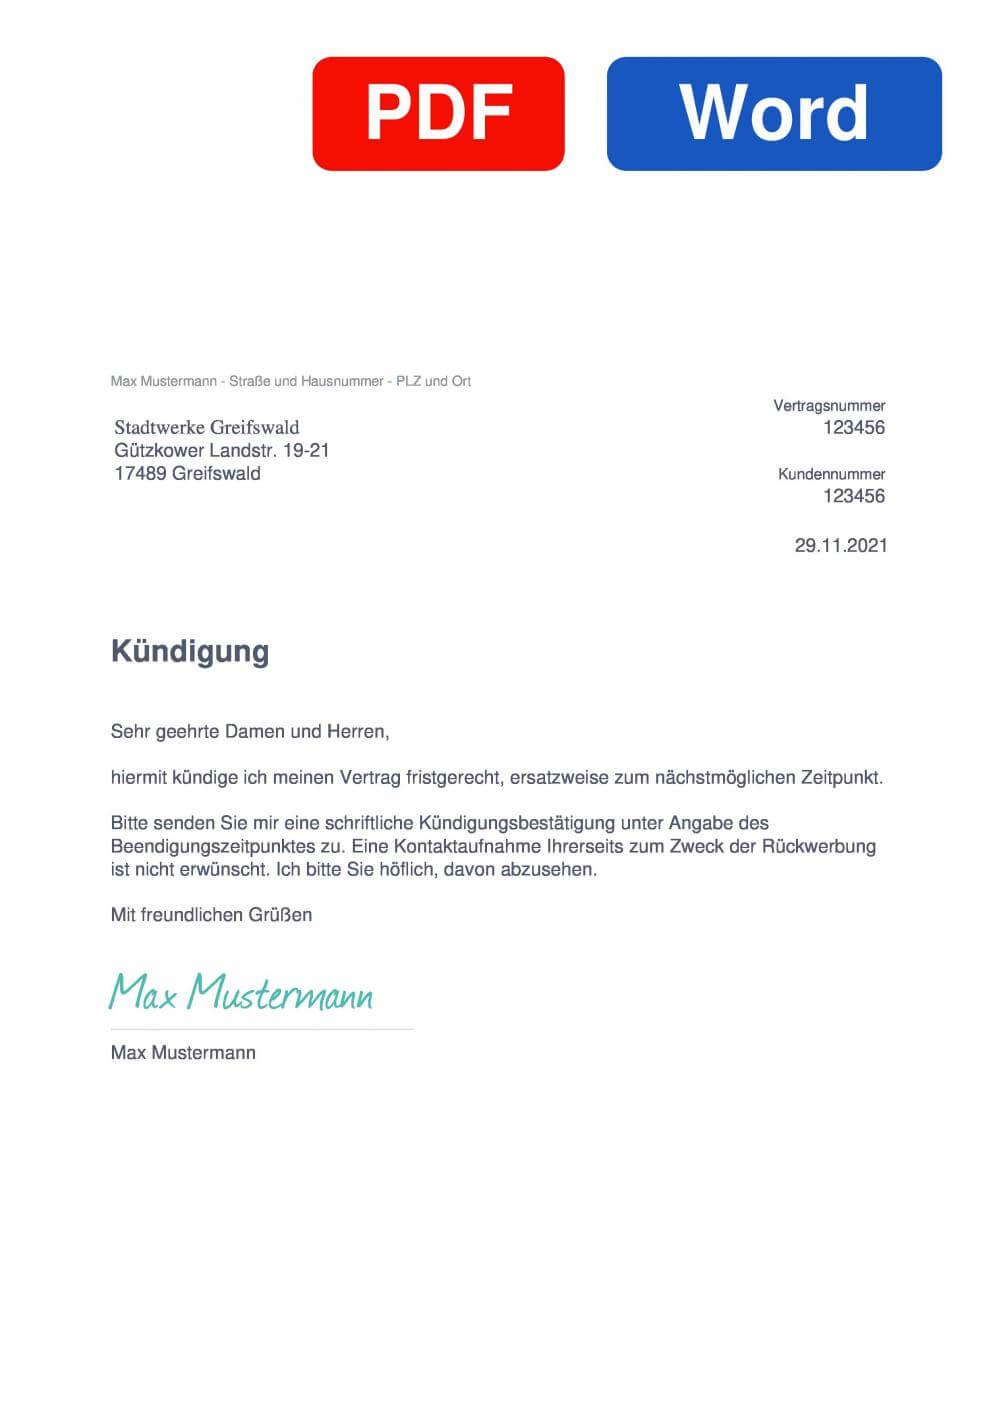 Stadtwerke Greifswald Muster Vorlage für Kündigungsschreiben